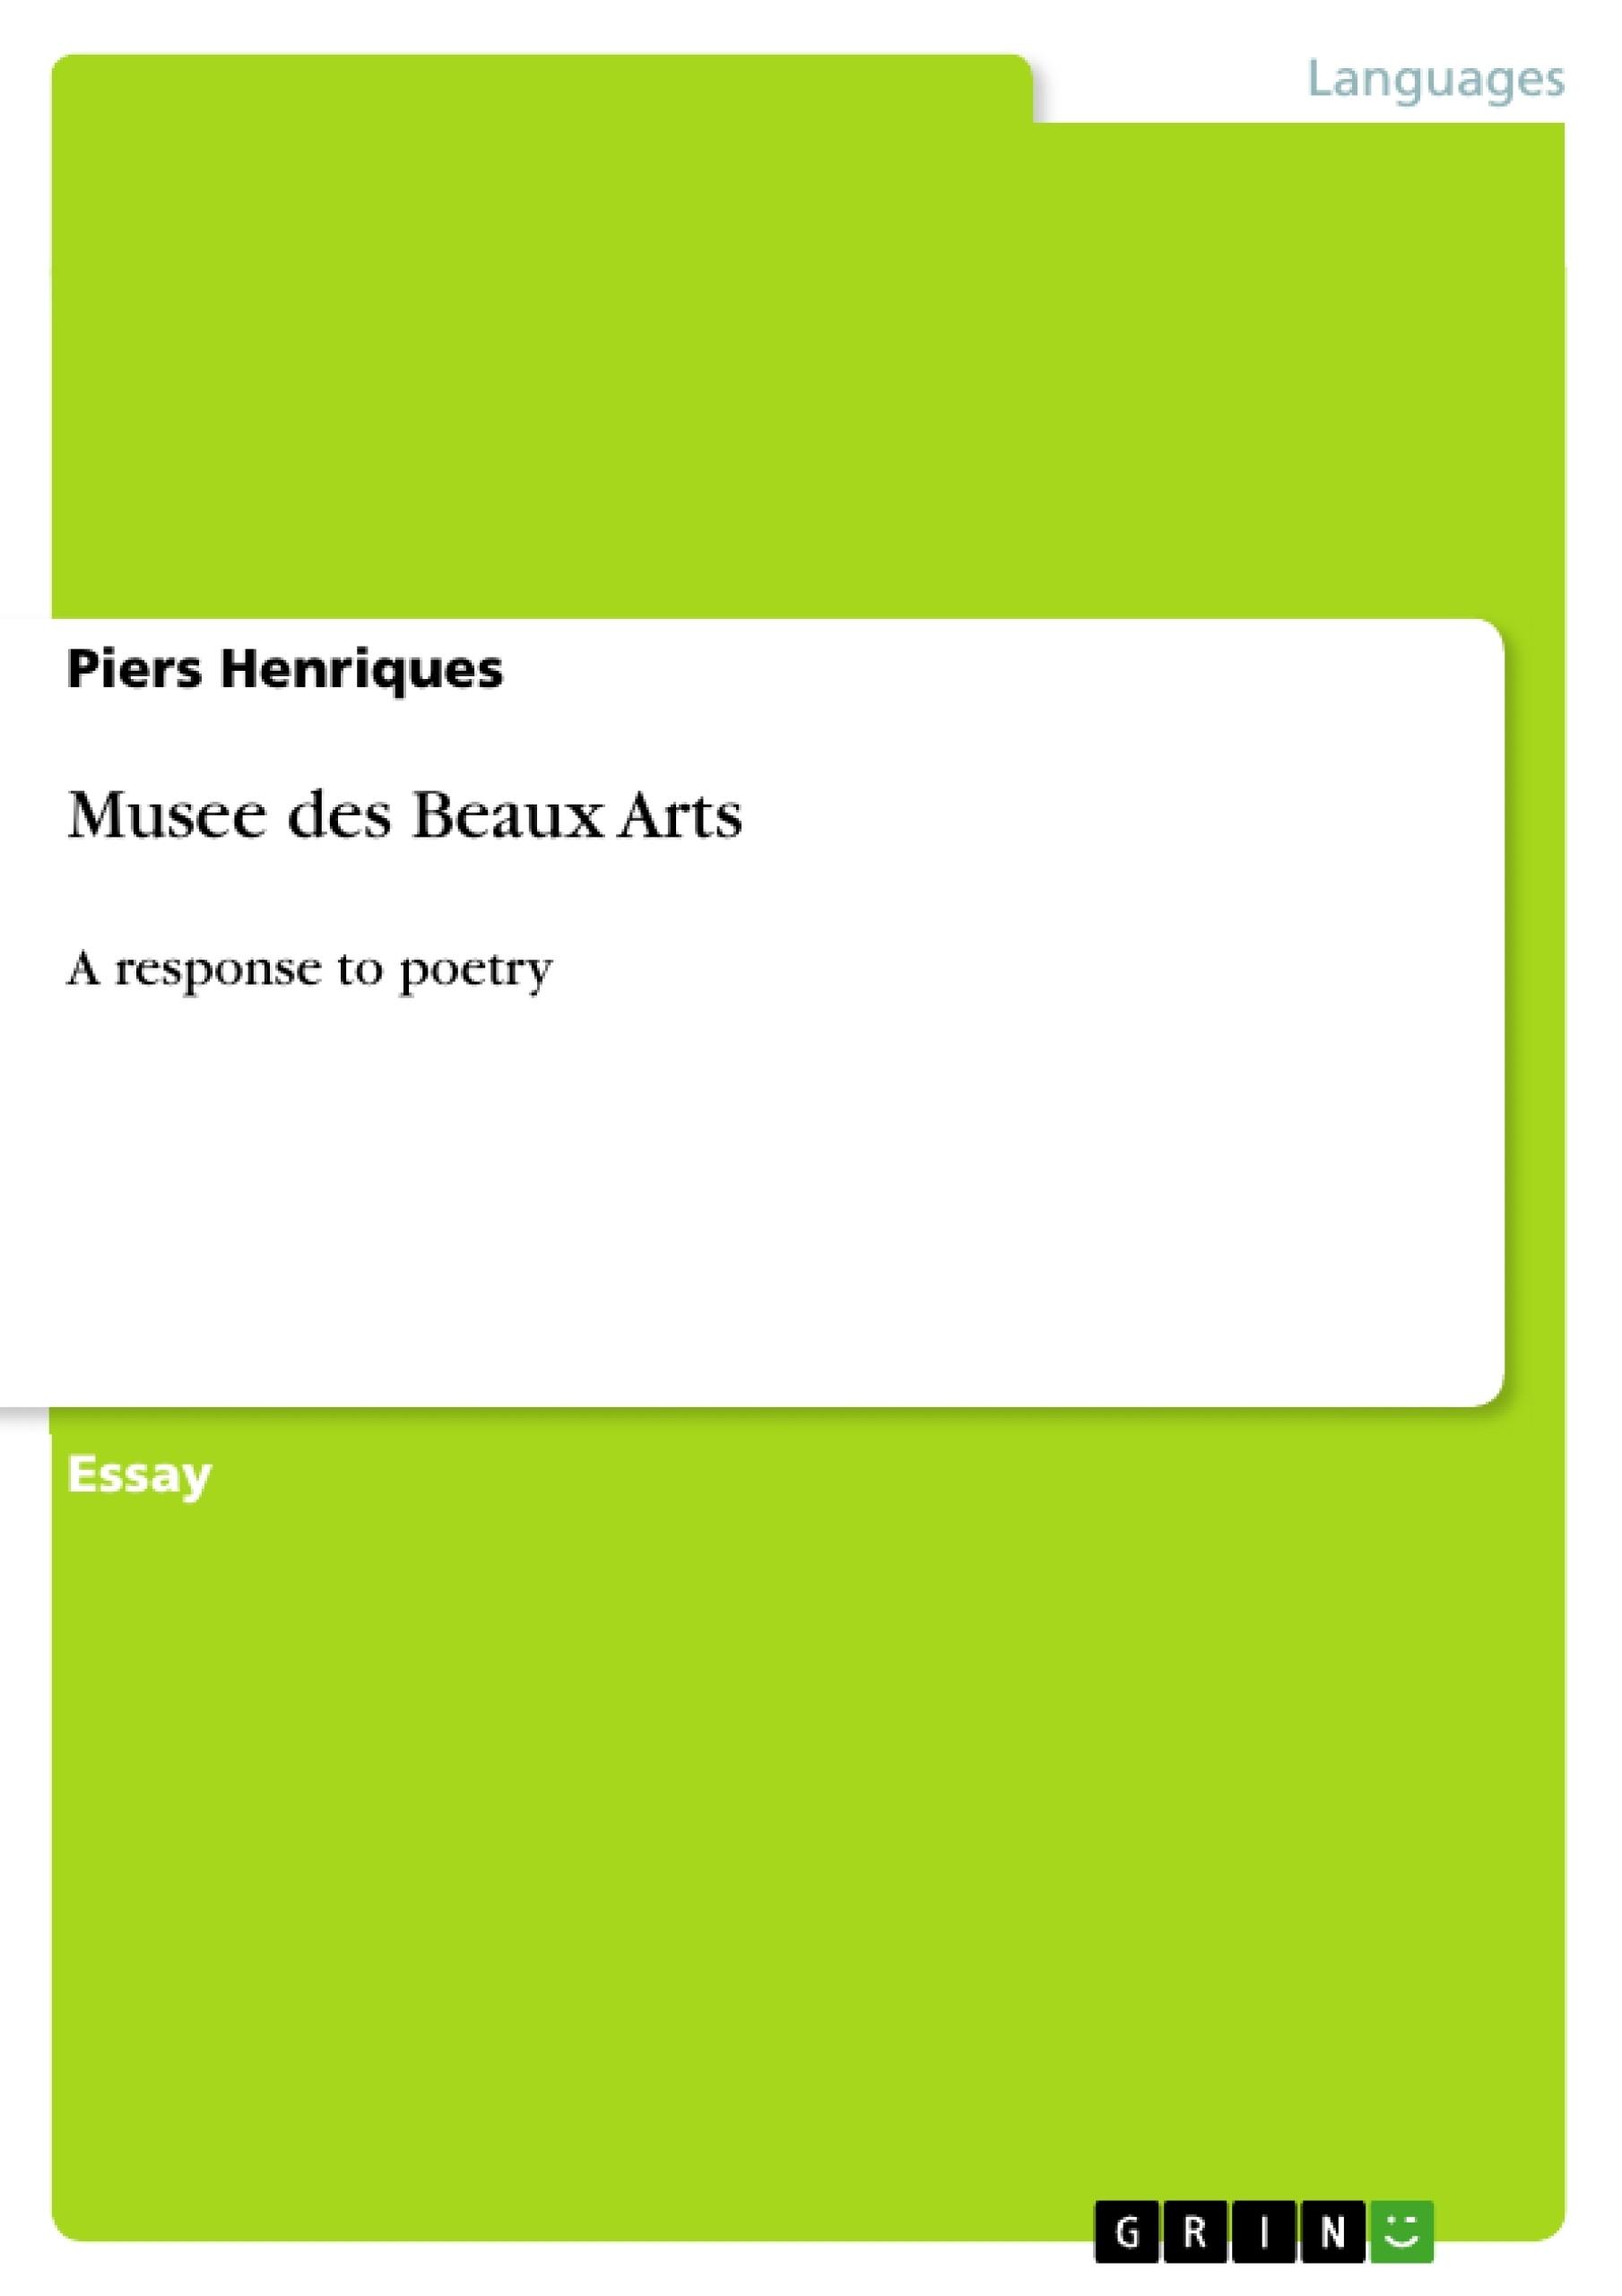 Title: Musee des Beaux Arts